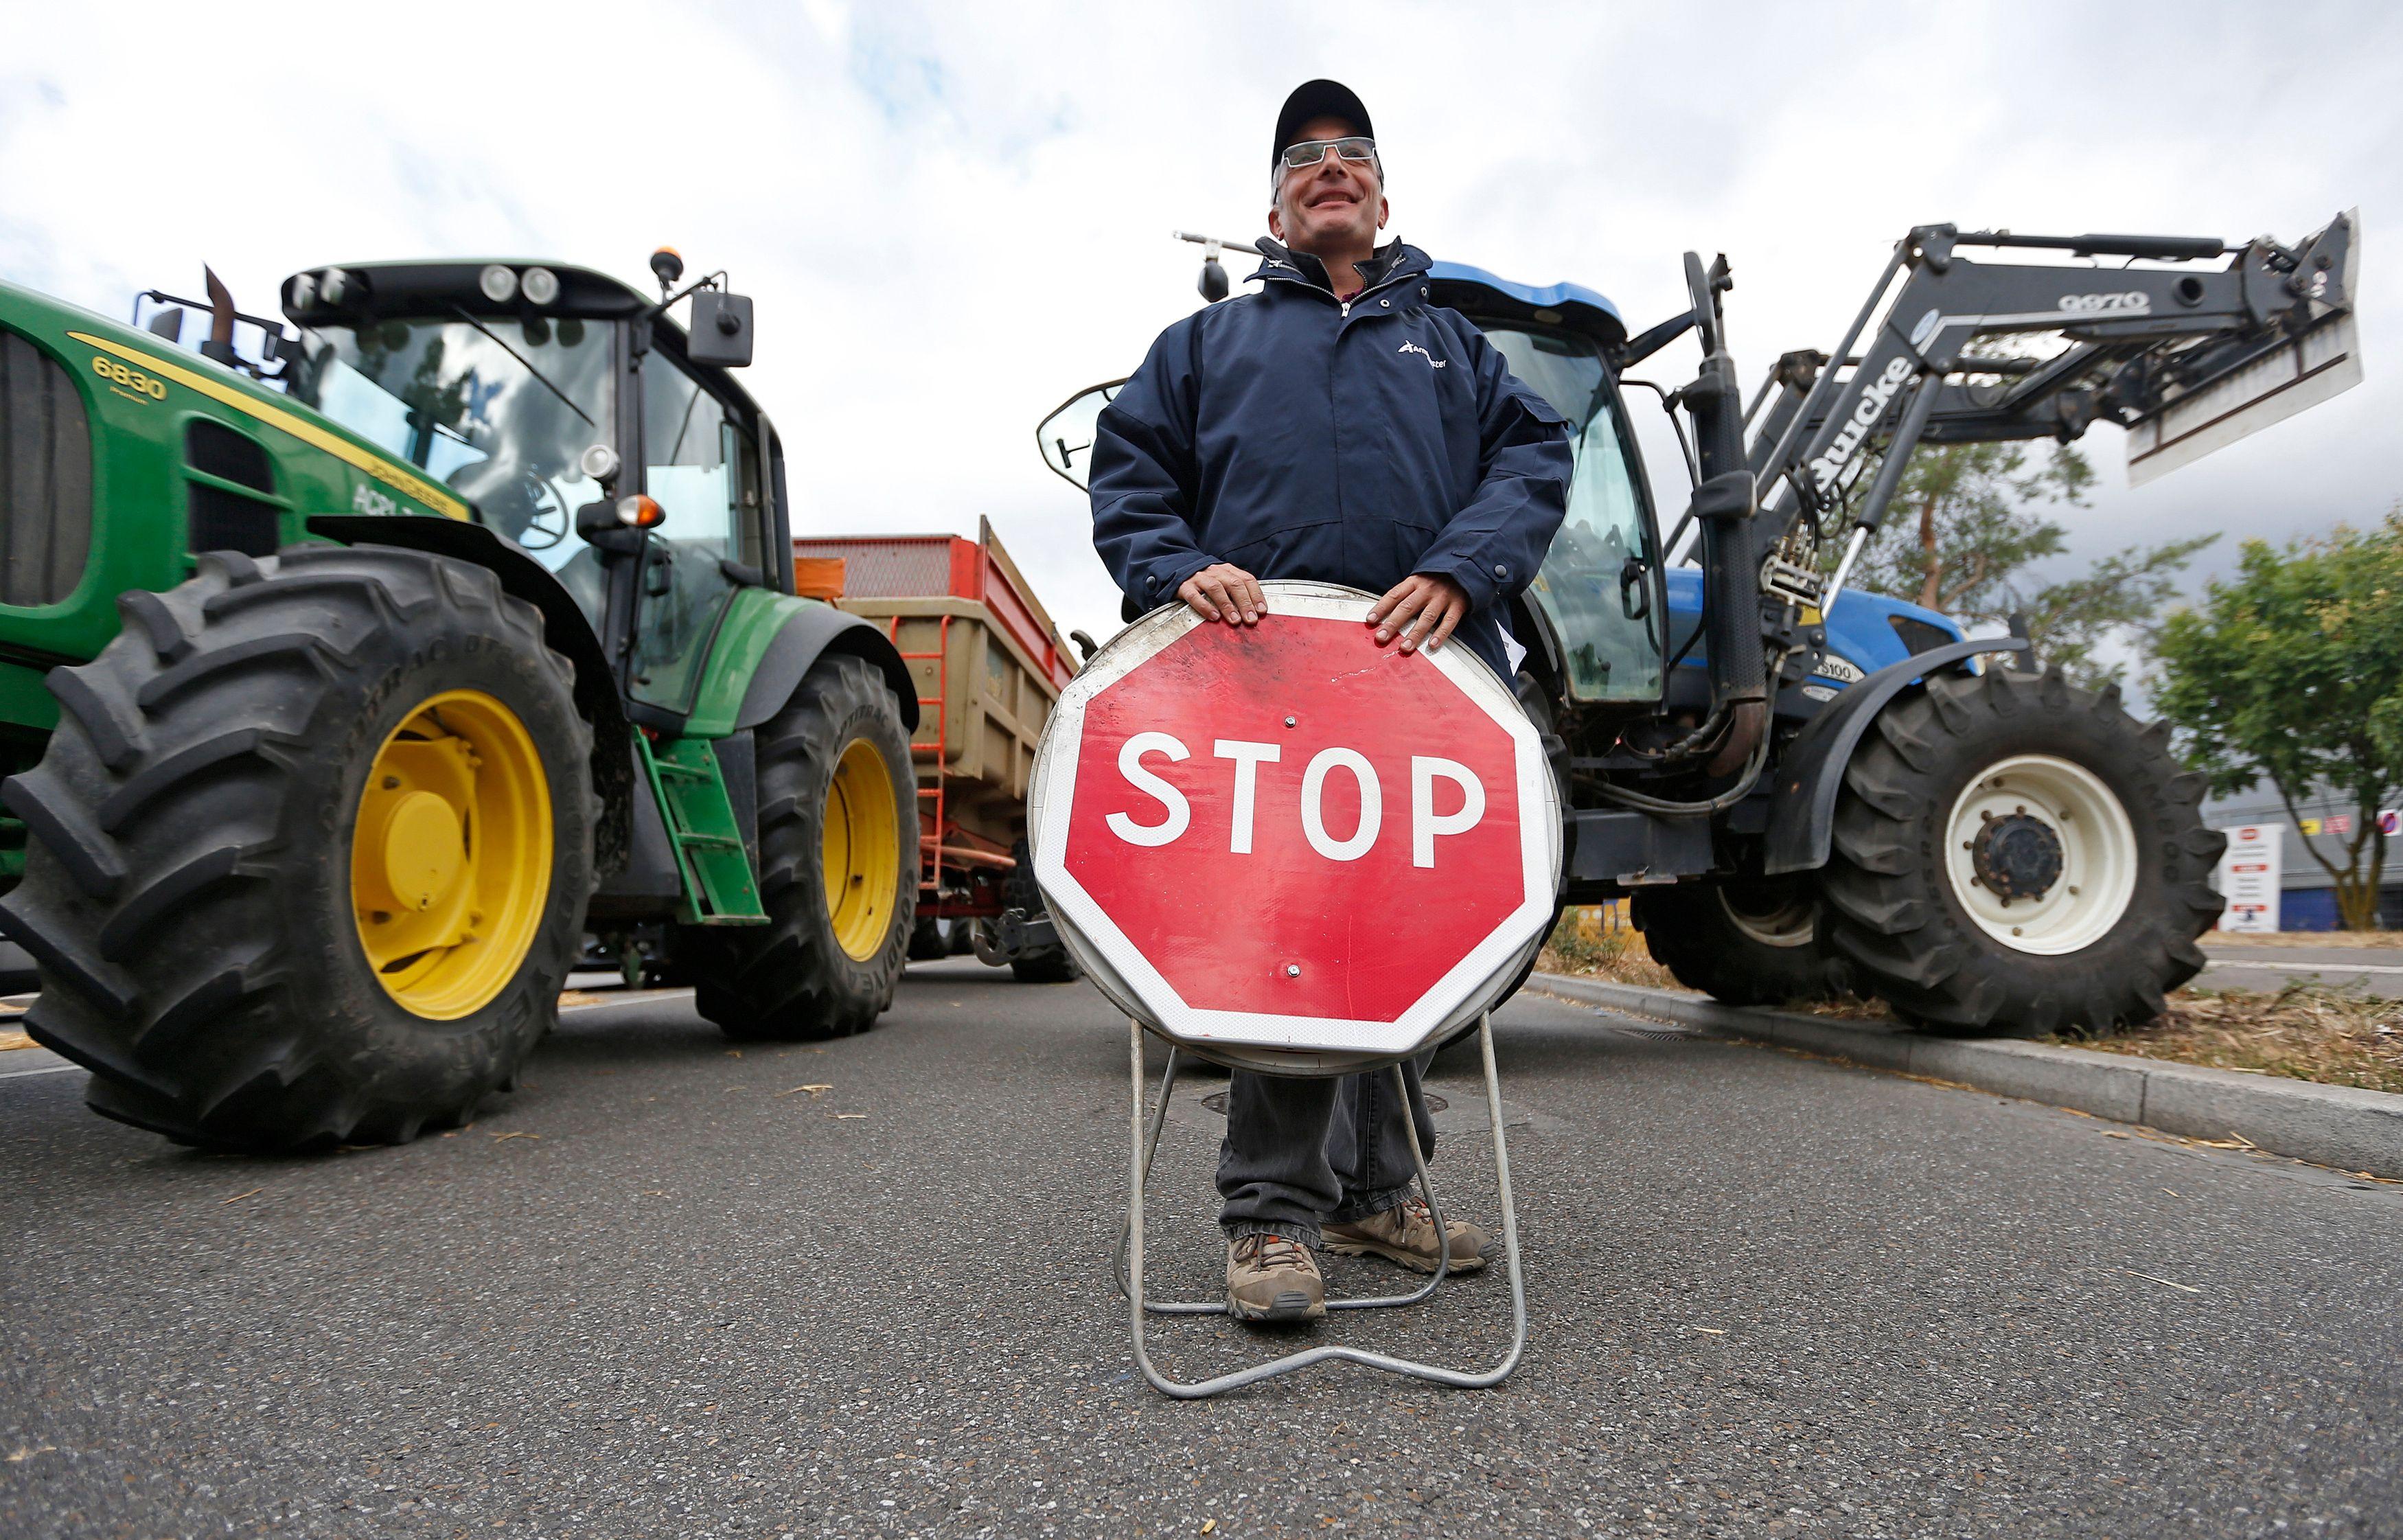 Crise des agriculteurs : des centaines de manifestants poursuivent leur action de blocage en Bretagne